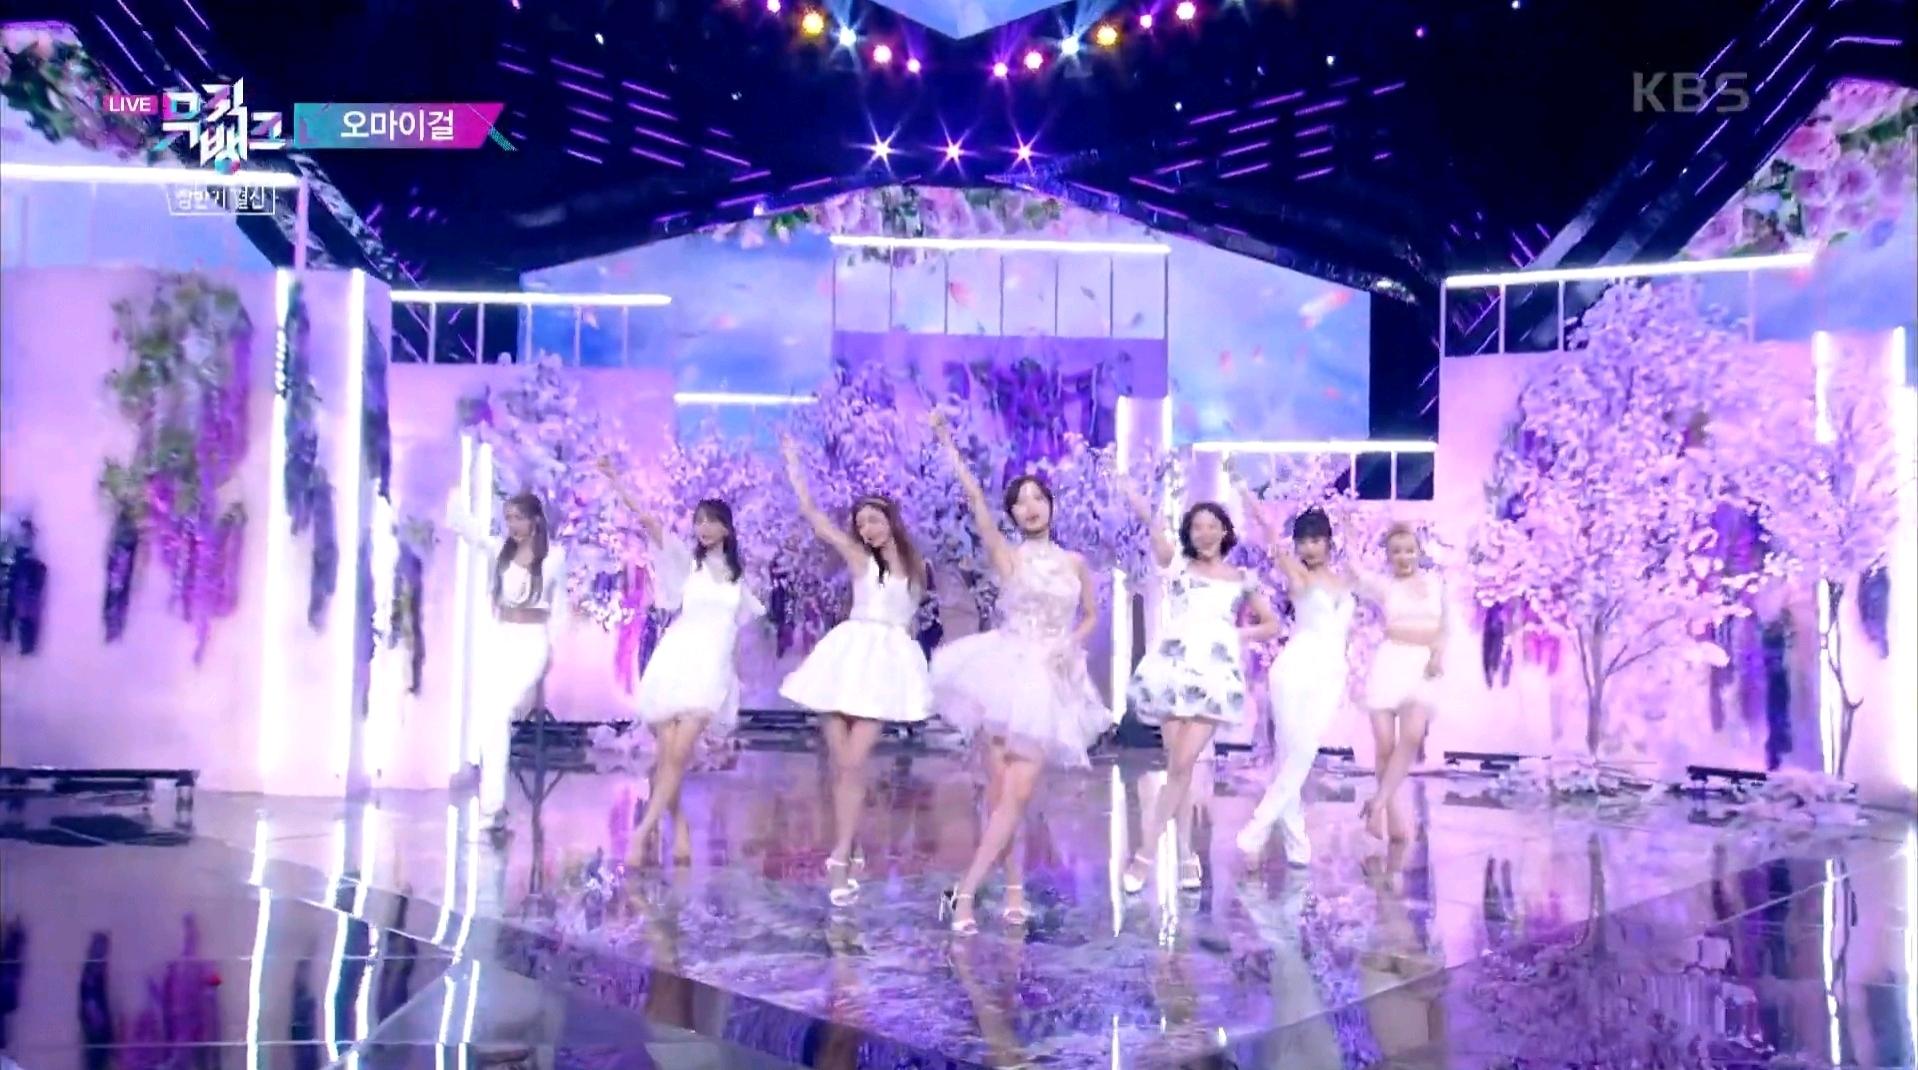 女团成员的差别待遇好伤心,OH MY GIRL翻跳IU舞台造型为什么会这样